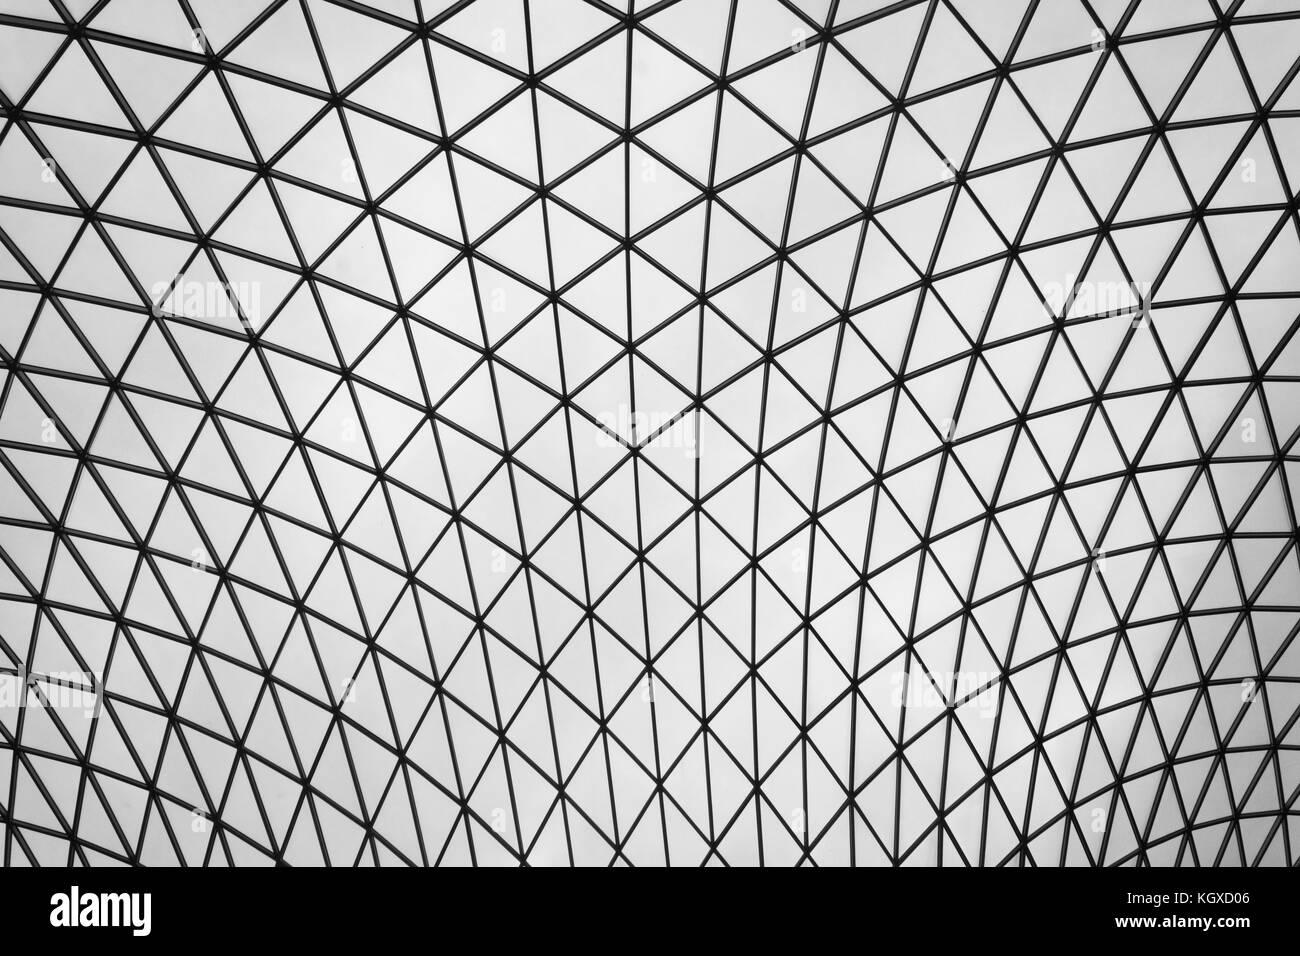 La Textura De Una Estructura Metálica Que Tiene El Aspecto